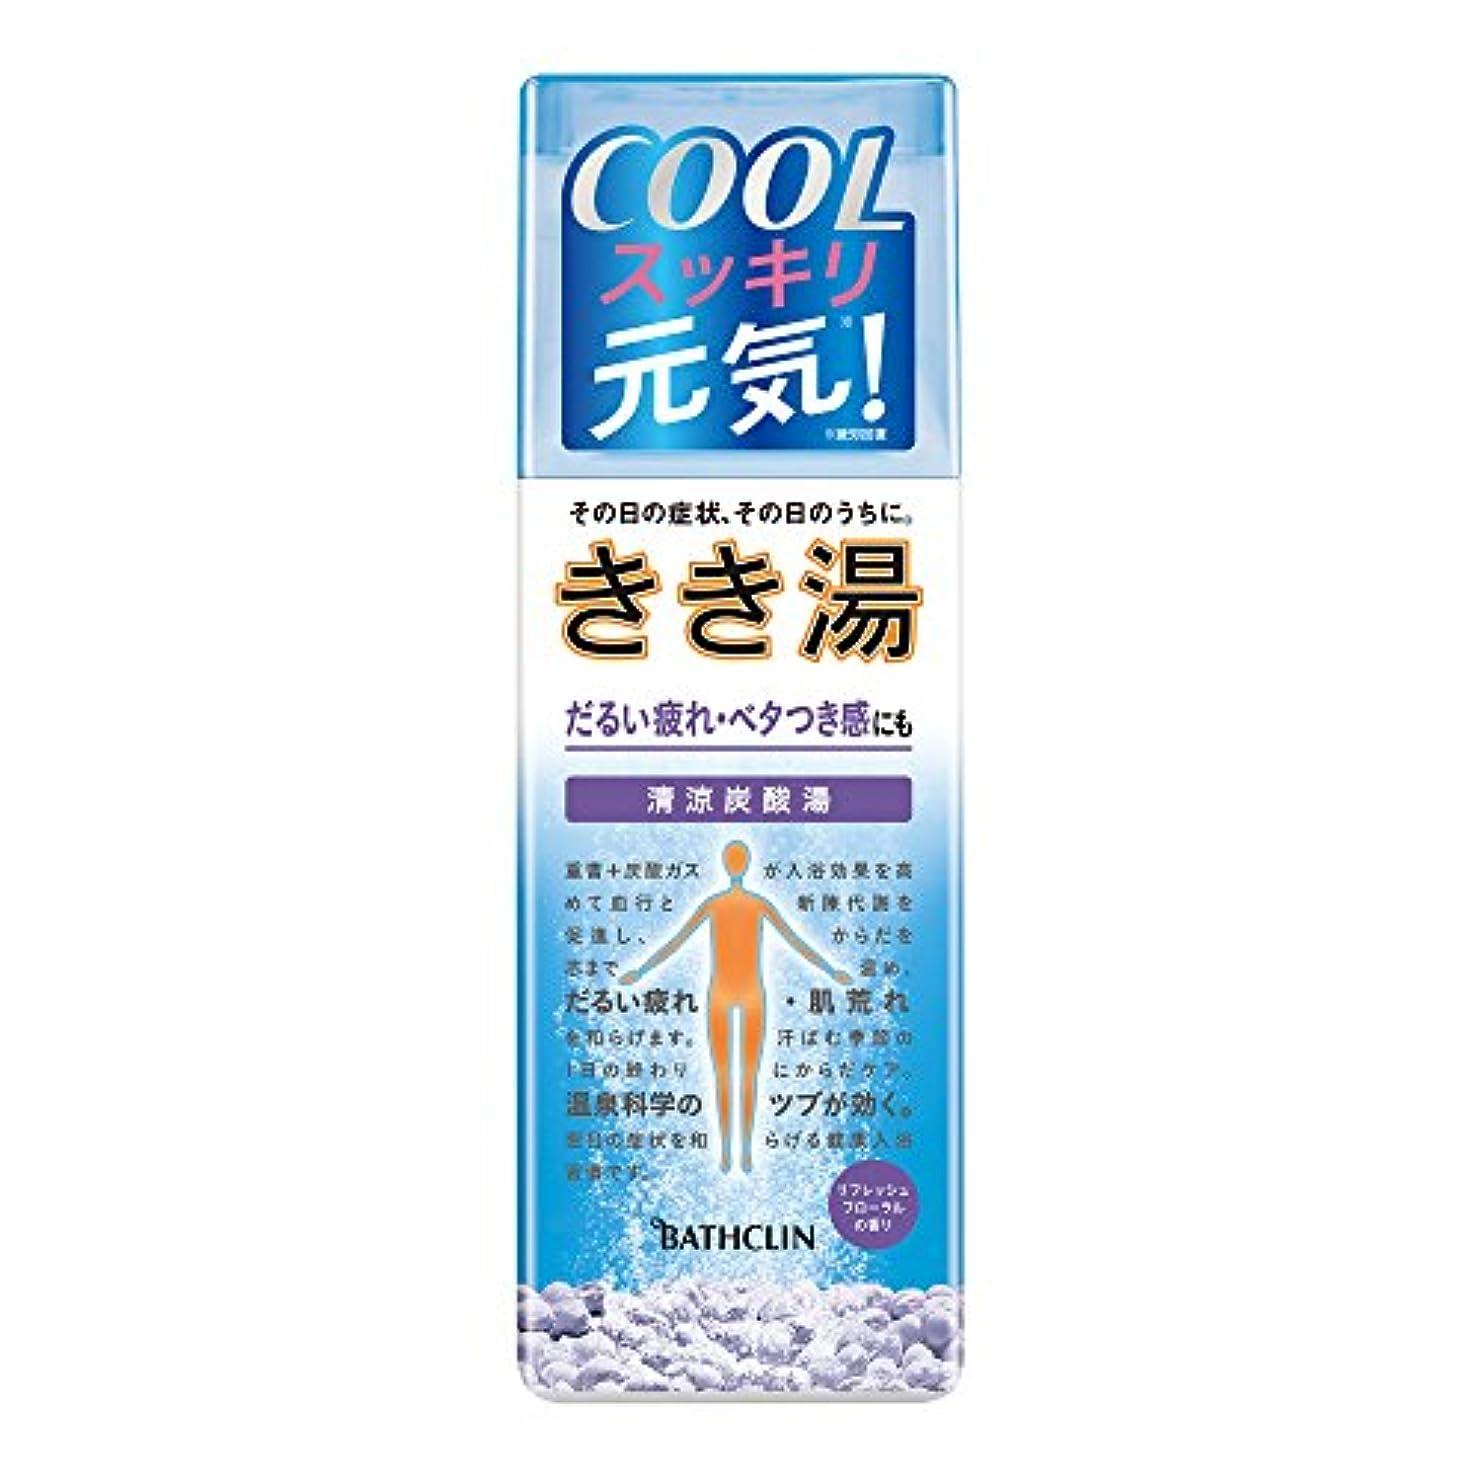 検証必要としているぼかす【医薬部外品】きき湯清涼炭酸湯リフレッシュフローラルの香り 360gマリンブルーの湯透明タイプ 入浴剤